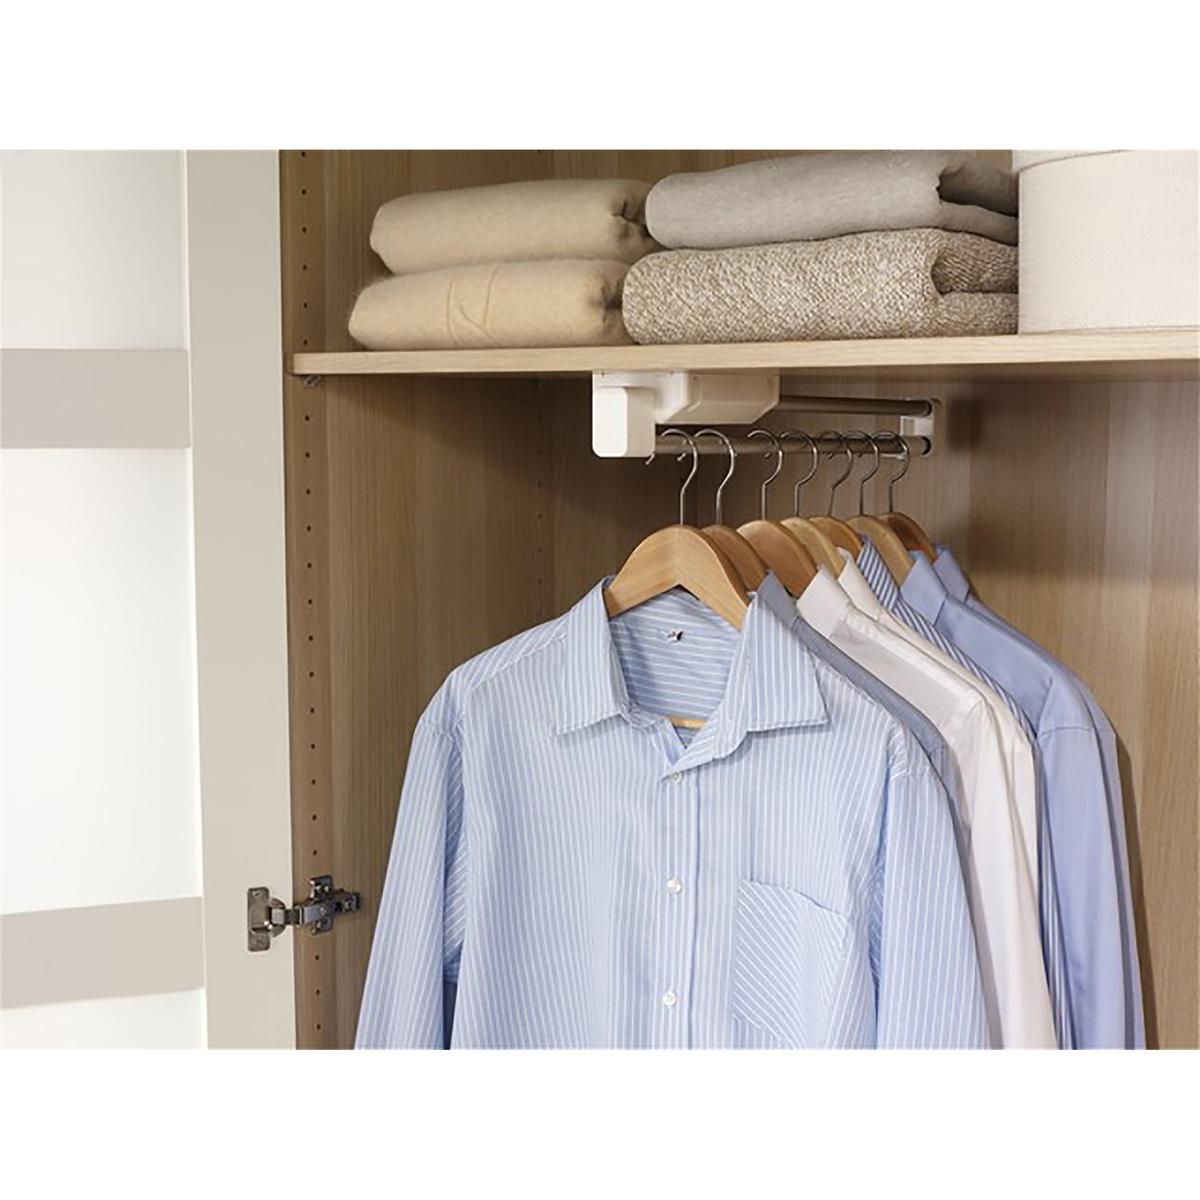 Штанга двойная телескопическая для вешалокОписание двойной раздвижной штанги:Крепится внутри шкафа и раздвигается или сдвигается в зависимости от количества одежды, которую на нее требуется повесить.На двойной алюминиевой штанге можно разместить сразу несколько вешалок.Характеристики двойной раздвижной штанги:выполнена из алюминия и полипропиленового пластика.Размеры двойной раздвижной штанги:10 x 7 x Д. 48 - 86 см.<br><br>Цвет: алюминий<br>Размер: единый размер